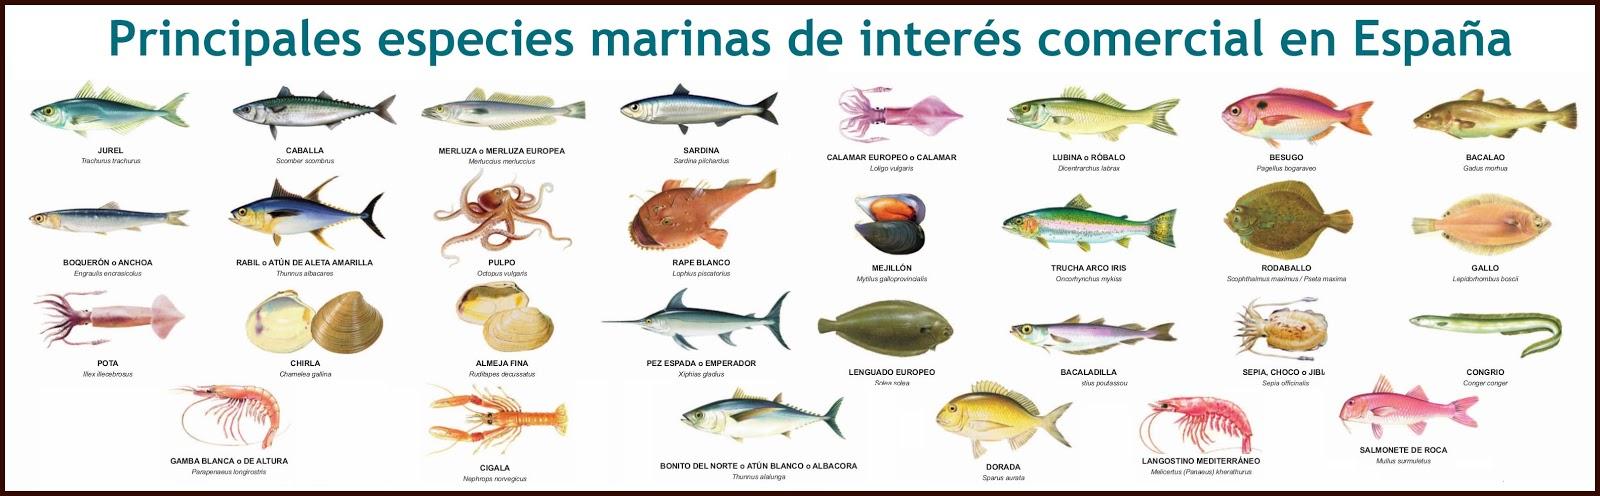 Naturarchives biodiversidad el reino de los animales for Especies de peces